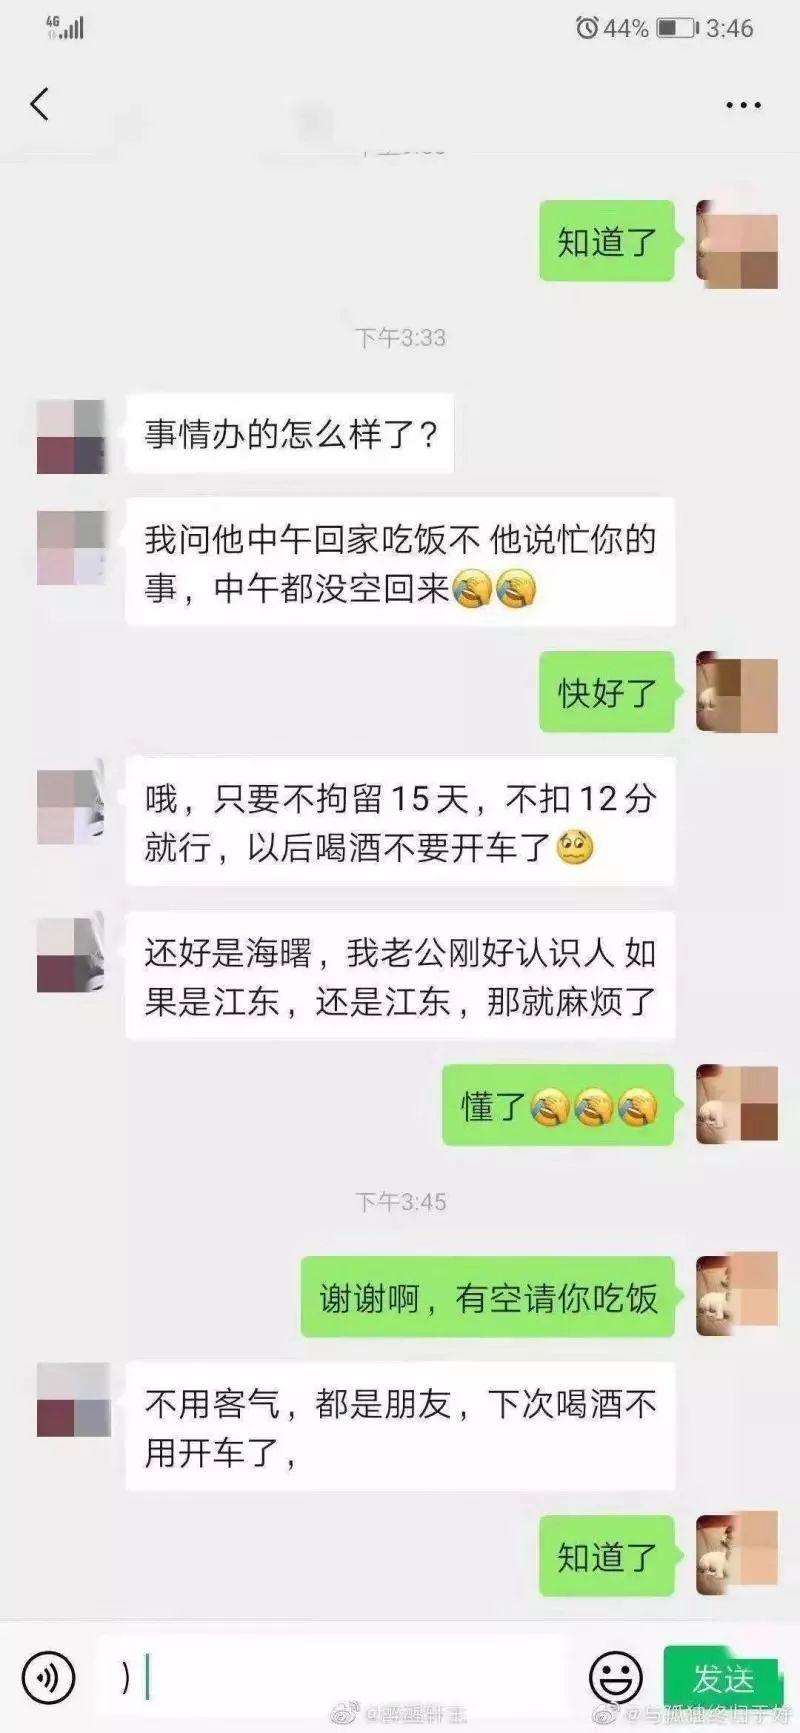 """微博炫耀""""酒�{后找�P系逃避��P""""!����,��P�砹耍核木��T停�!"""